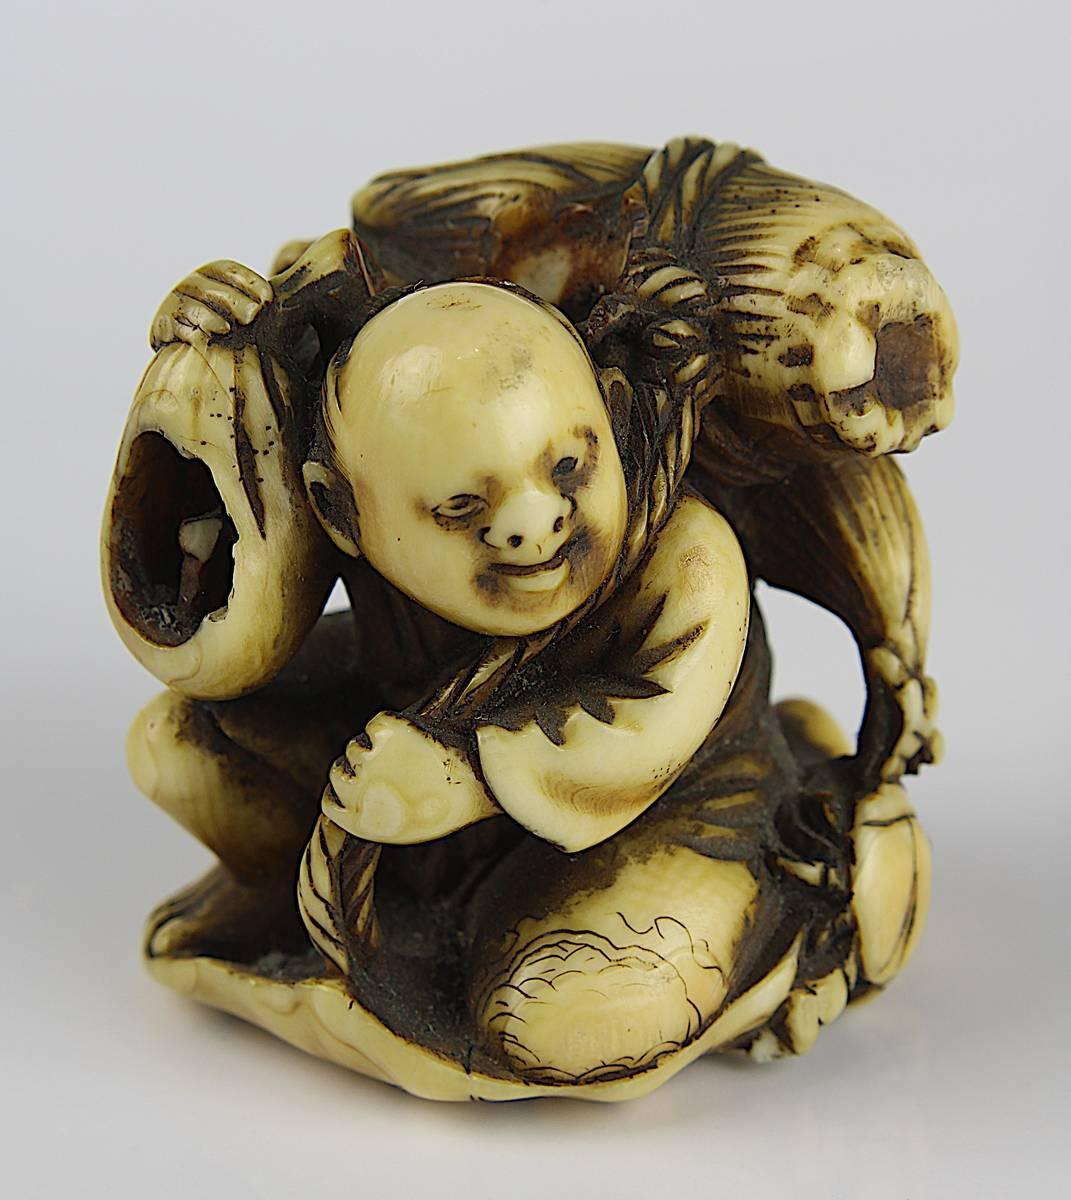 1-0005 - Japanisches Elfenbein-Netsuke, 18 - 19 Jh. Image